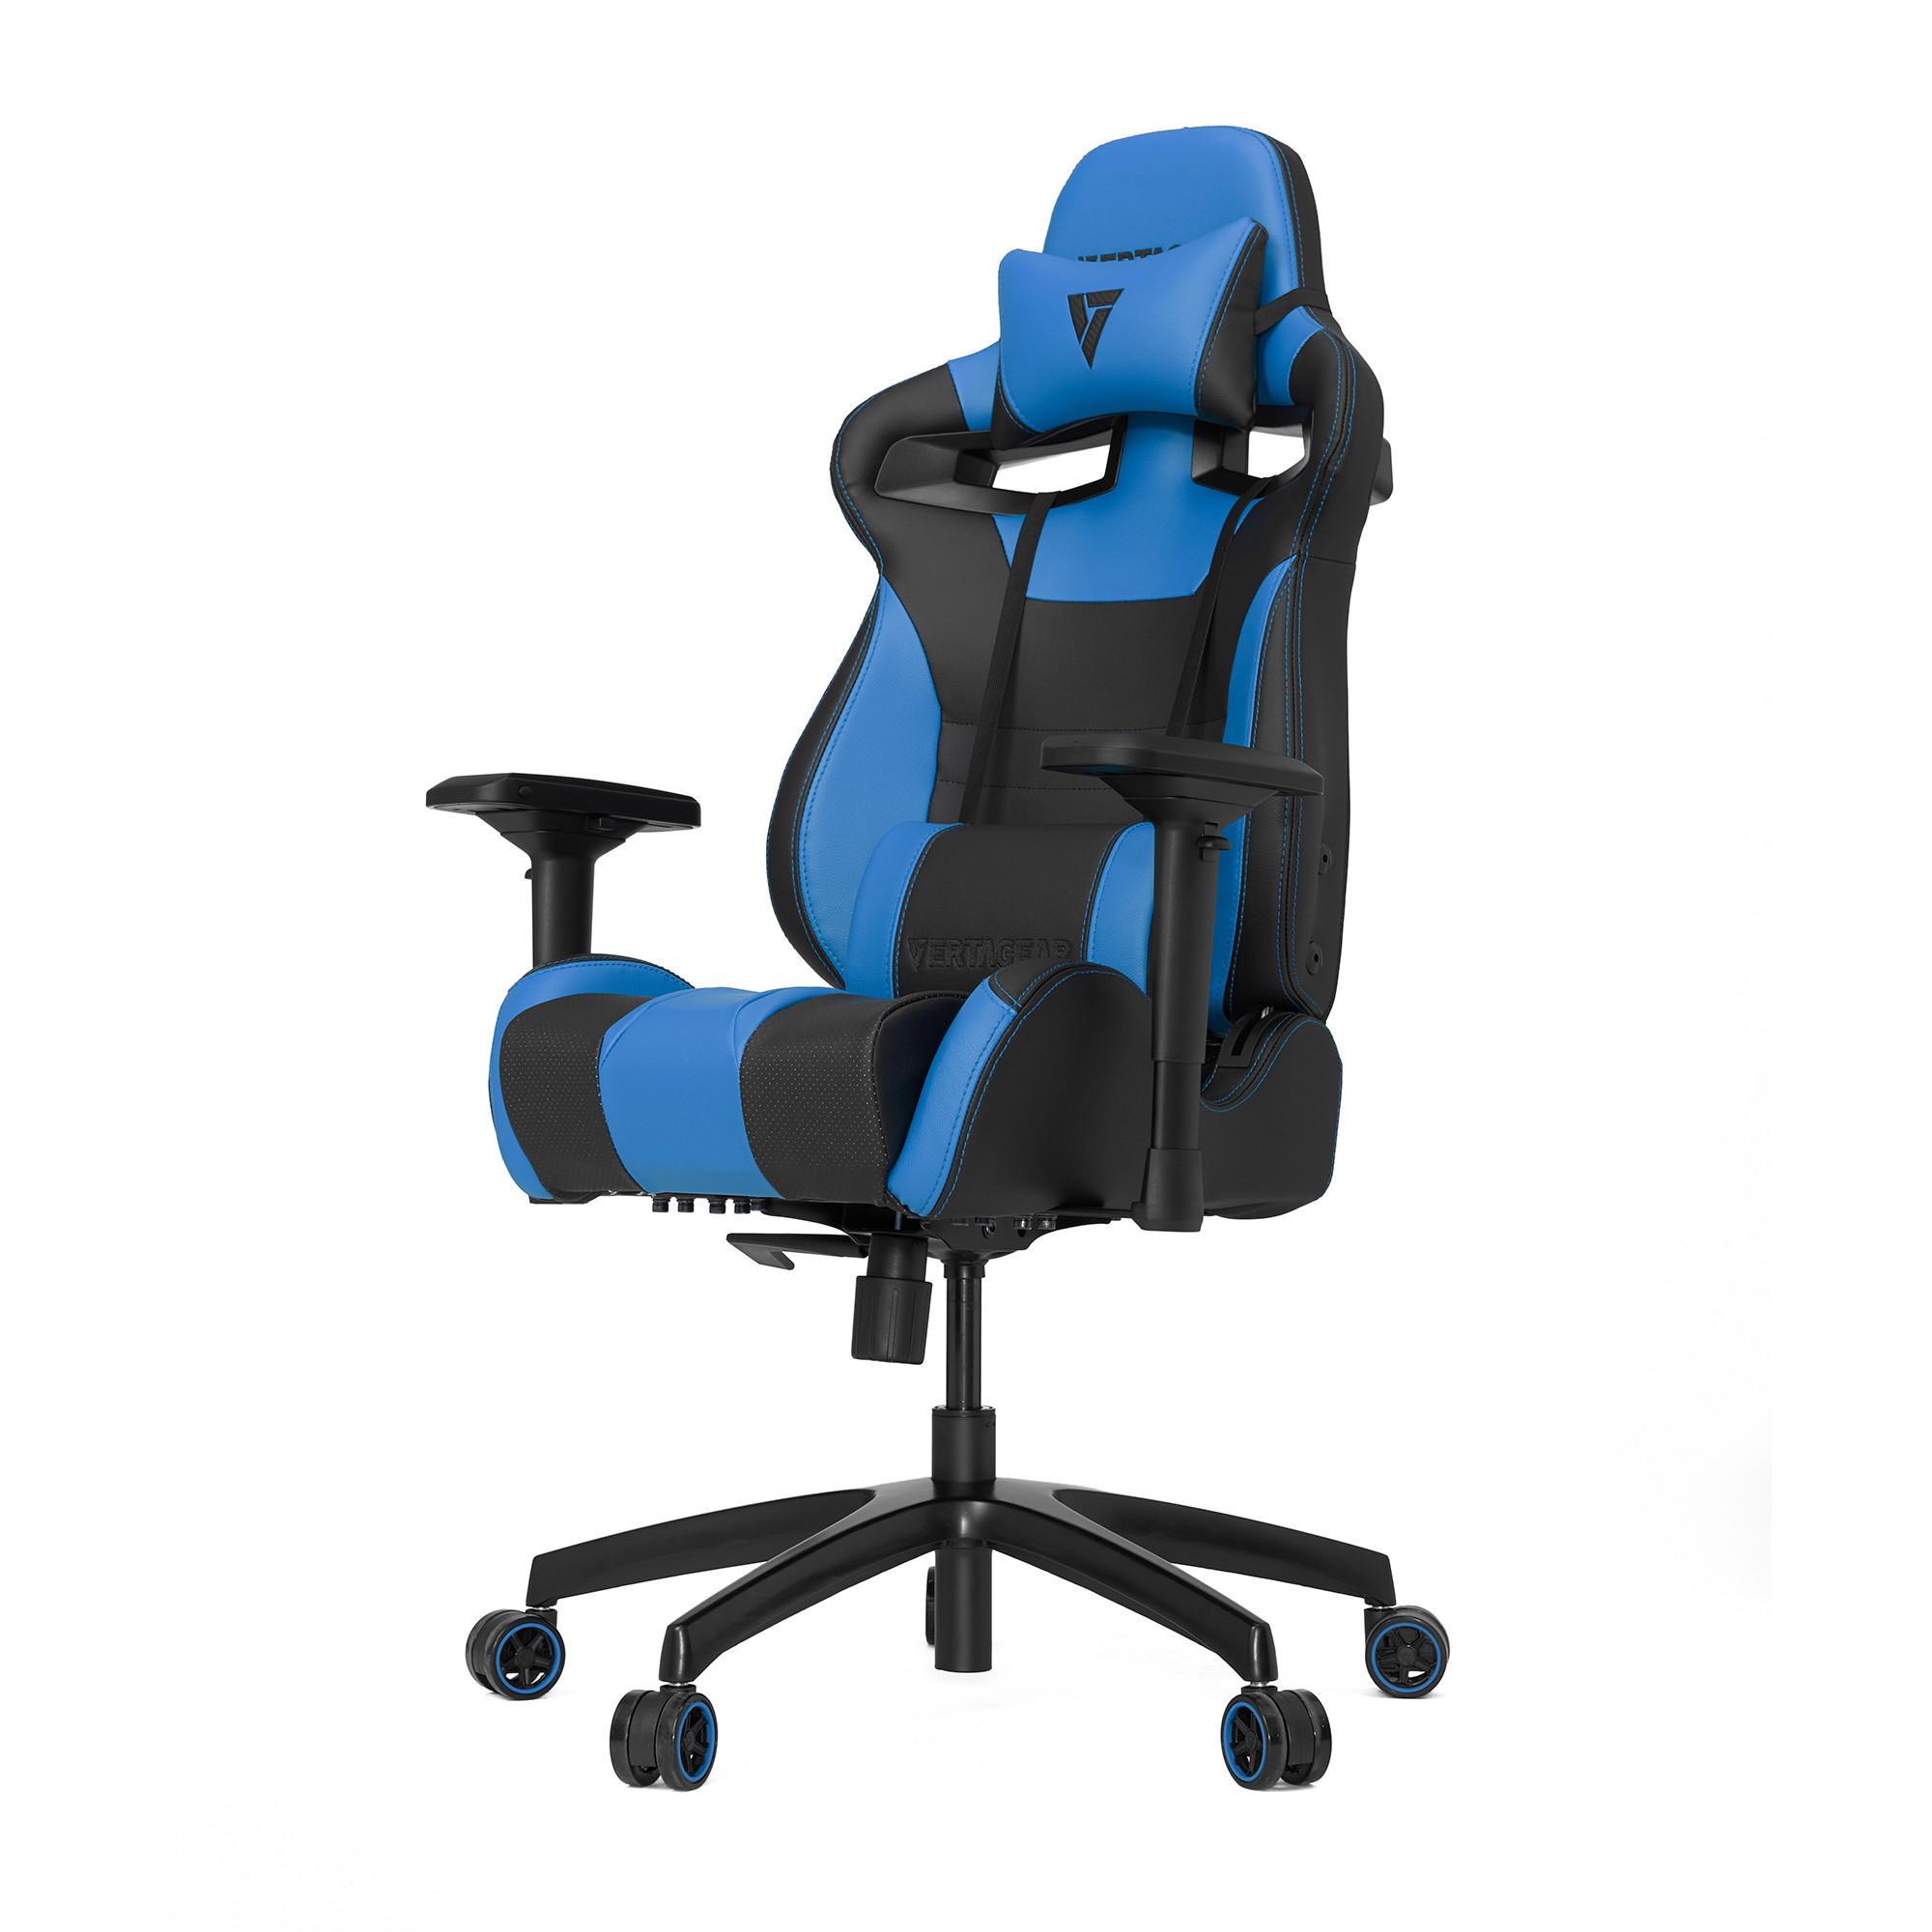 Профессиональное киберспортивное кресло Vertagear SL4000 черный/синийНабивка в SL-4000 сделанная из высокоплотной эластичной пены, которая добавляет отличную поддержку и удобство в положении сидя.&#13;<br>&#13;<br>Элегантное исполнение модели SL-4000 сделано из высококачественной PVC кожи, которая делает покрытие невероятно прочным и дает креслу роскошный вид. Этот материал легко чистить и поддерживать в хорошем состоянии, благодаря цветной прошивке и водозащитным характеристикам.<br>